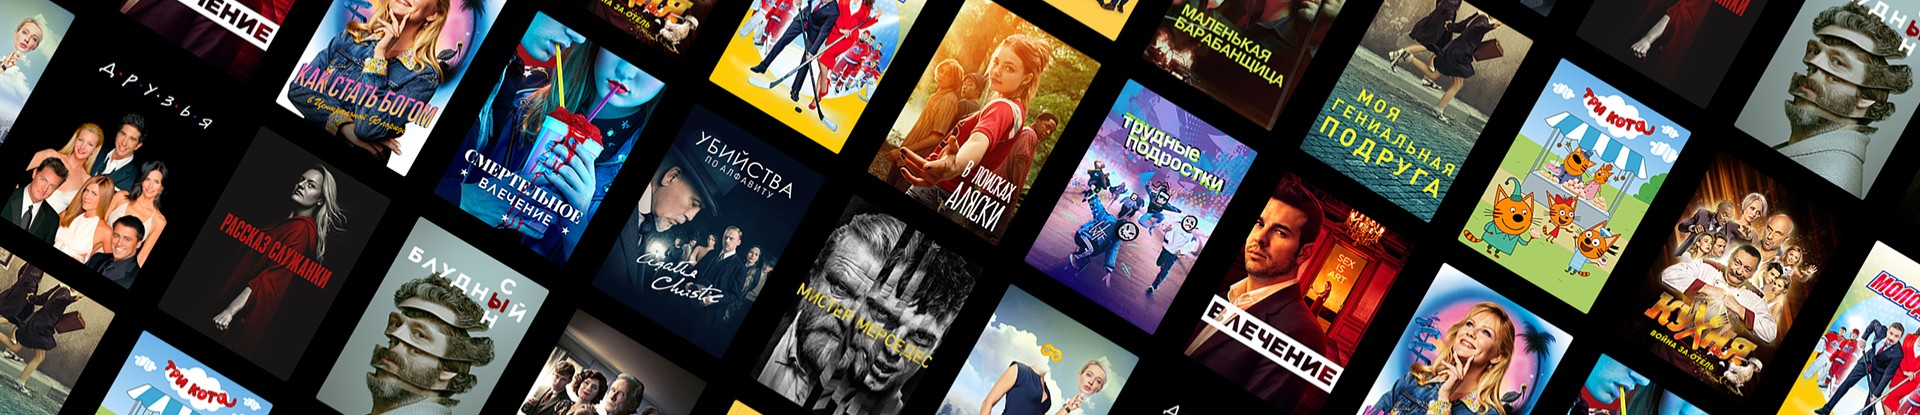 Большая коллекция сериалов, популярных телеканалов и фильмов!